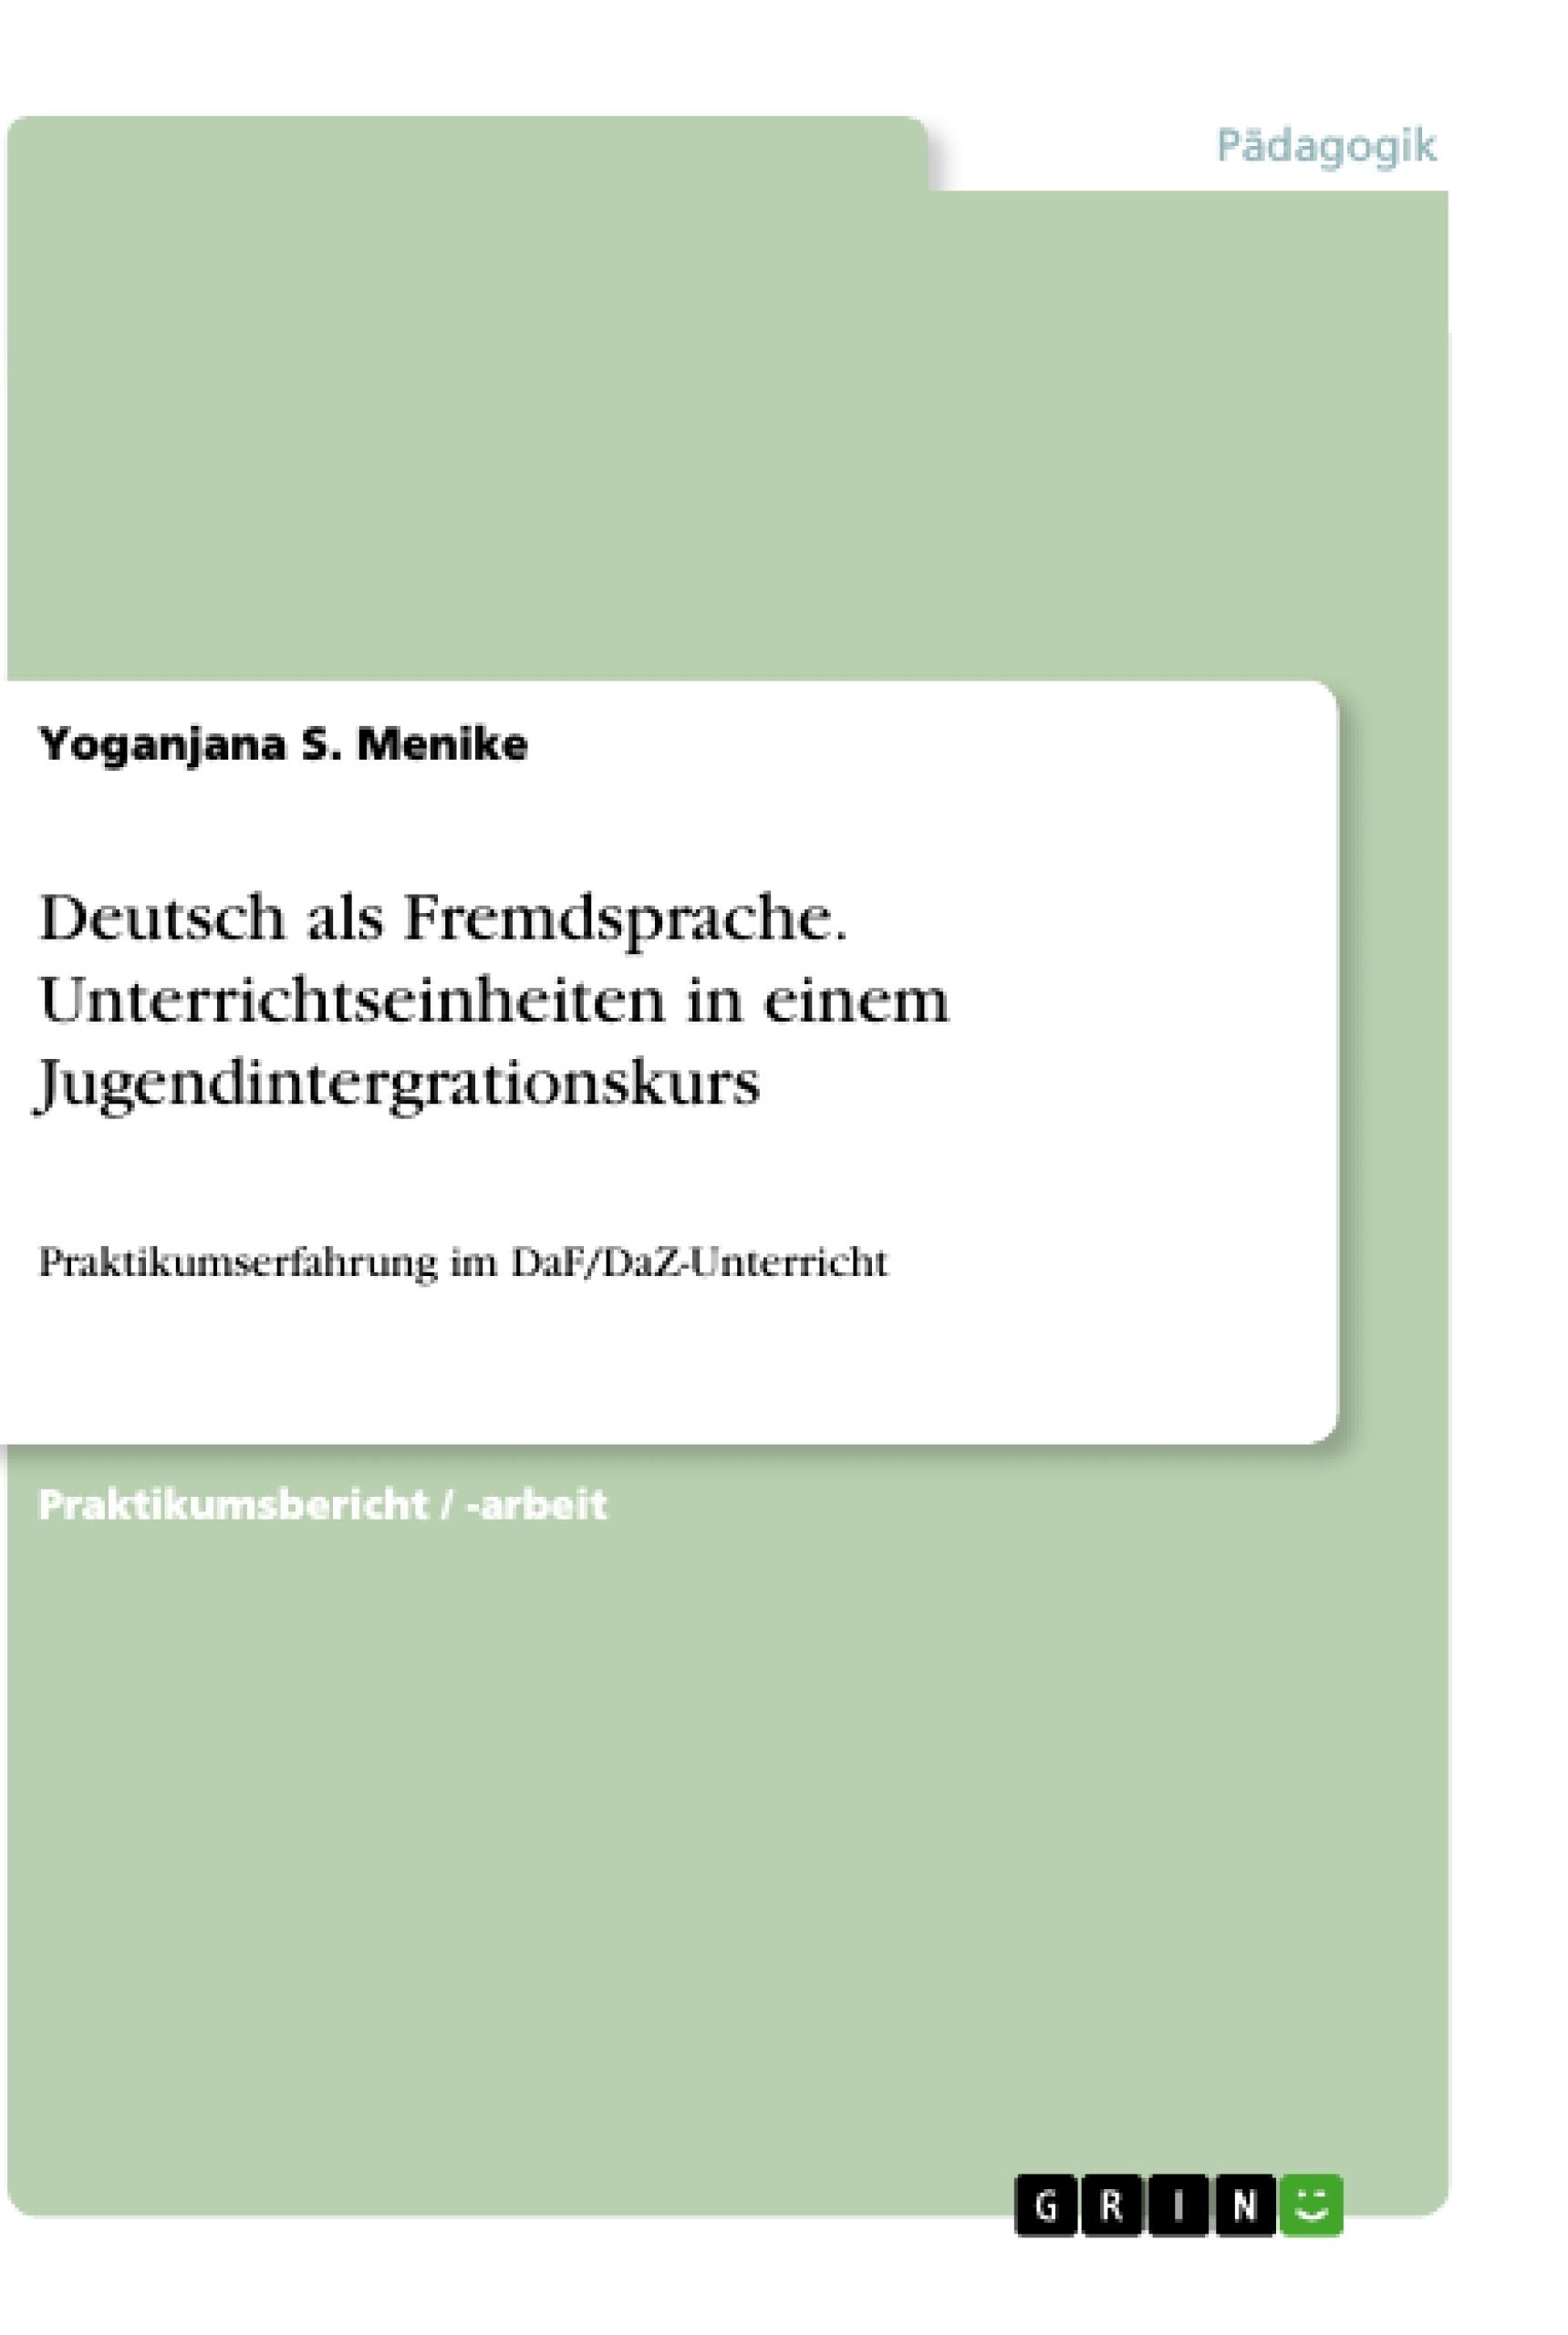 Titel: Deutsch als Fremdsprache. Unterrichtseinheiten in einem Jugendintergrationskurs